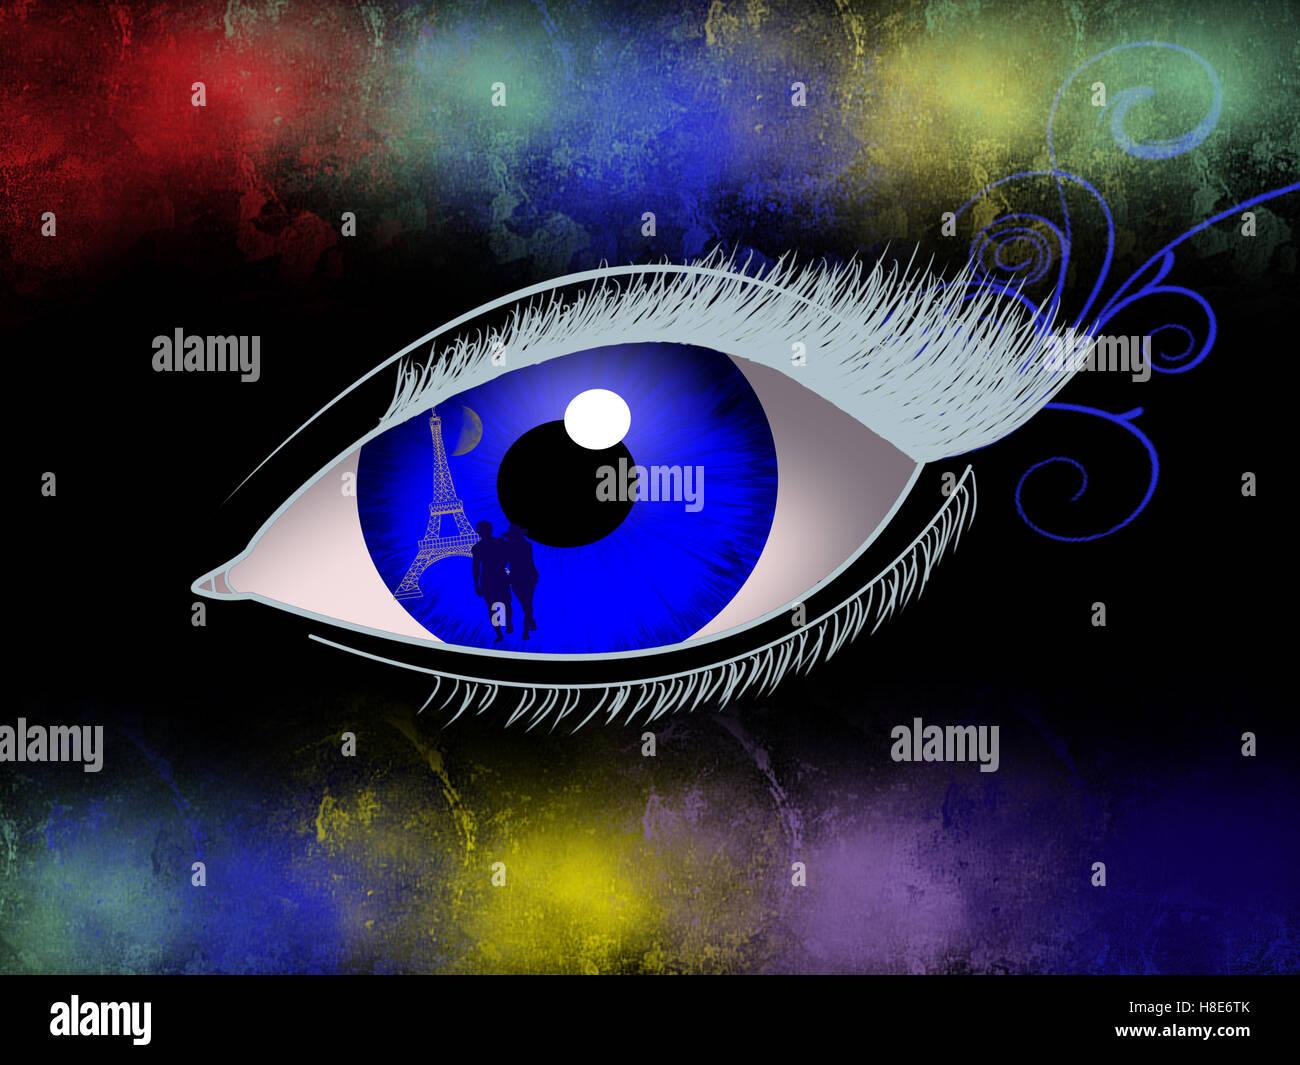 Abstrakte Darstellung eines Auges Stockbild